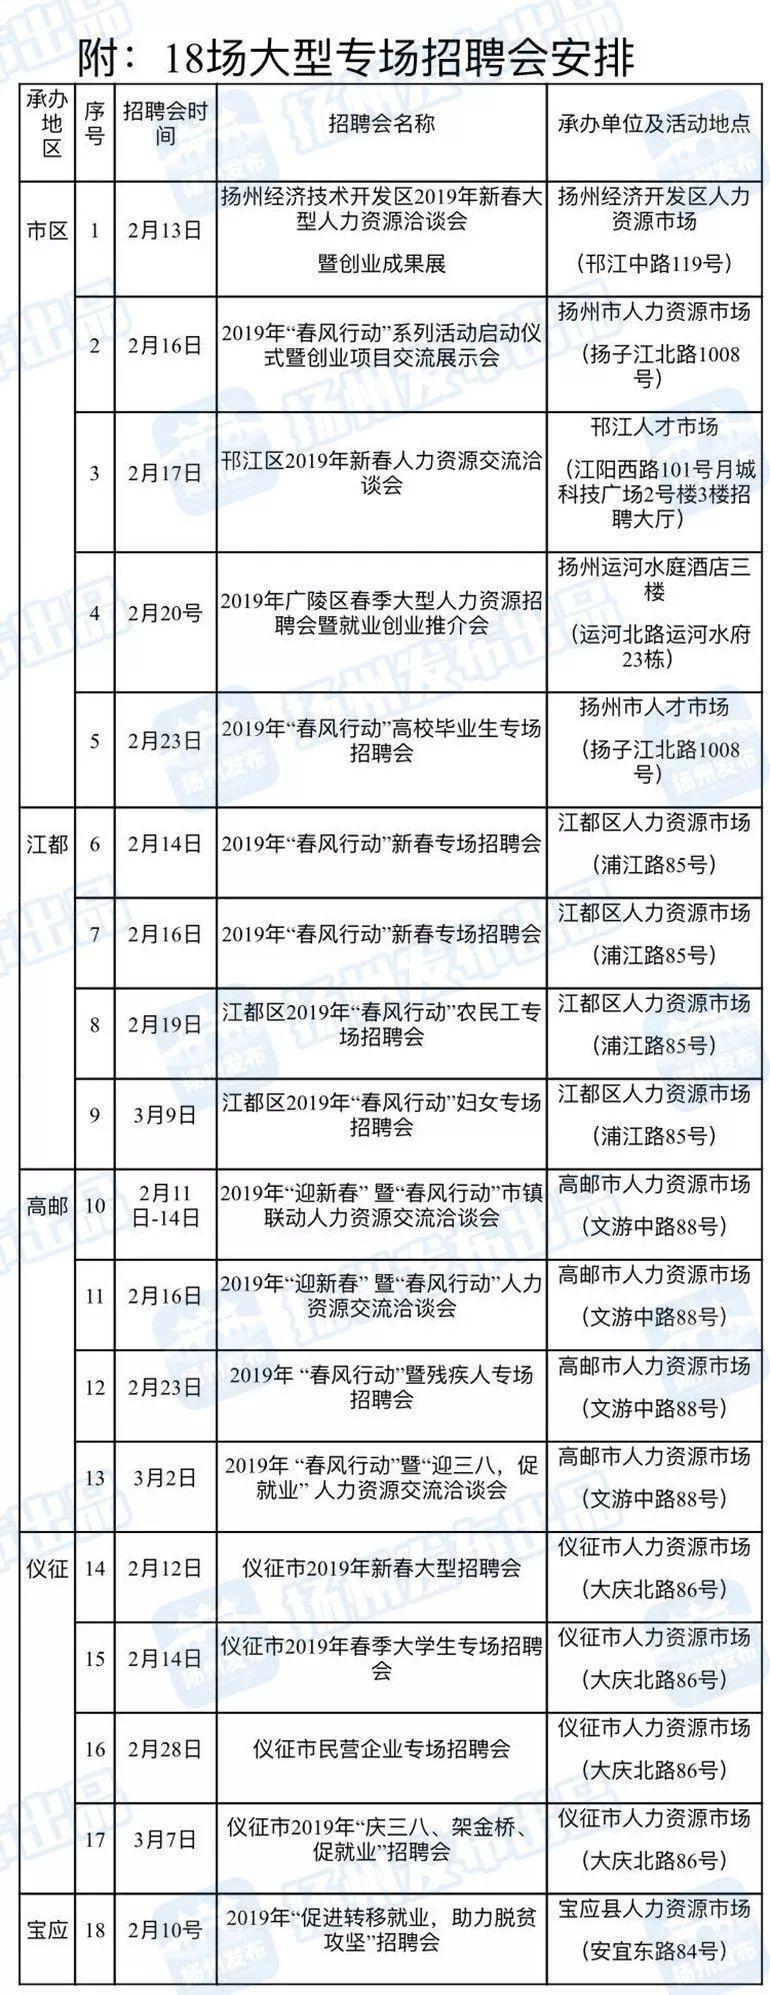 春节后,扬州将有5.2万个岗位召唤你!